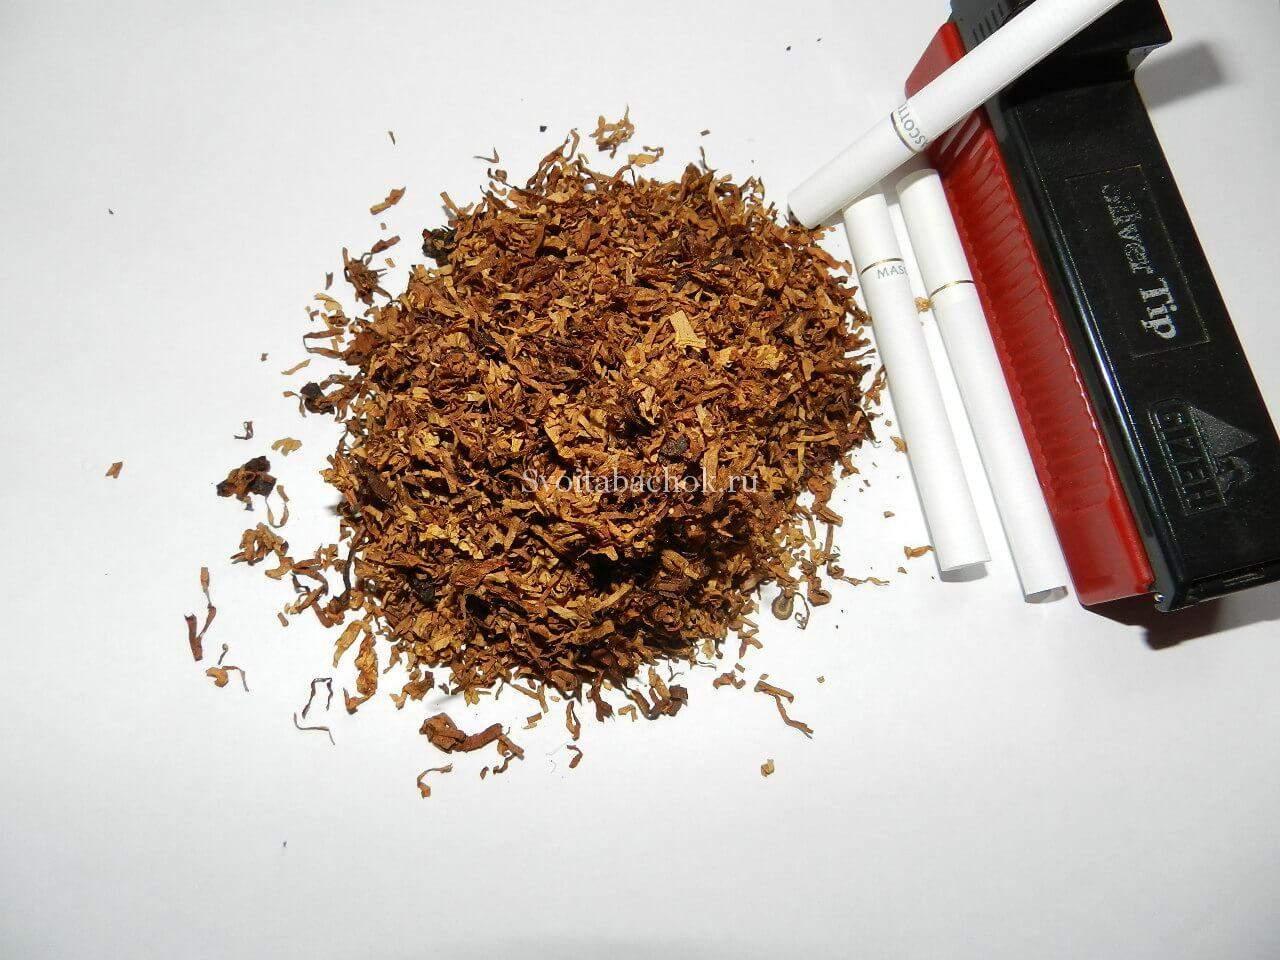 Выращивание и обработка табака в домашних условиях 37